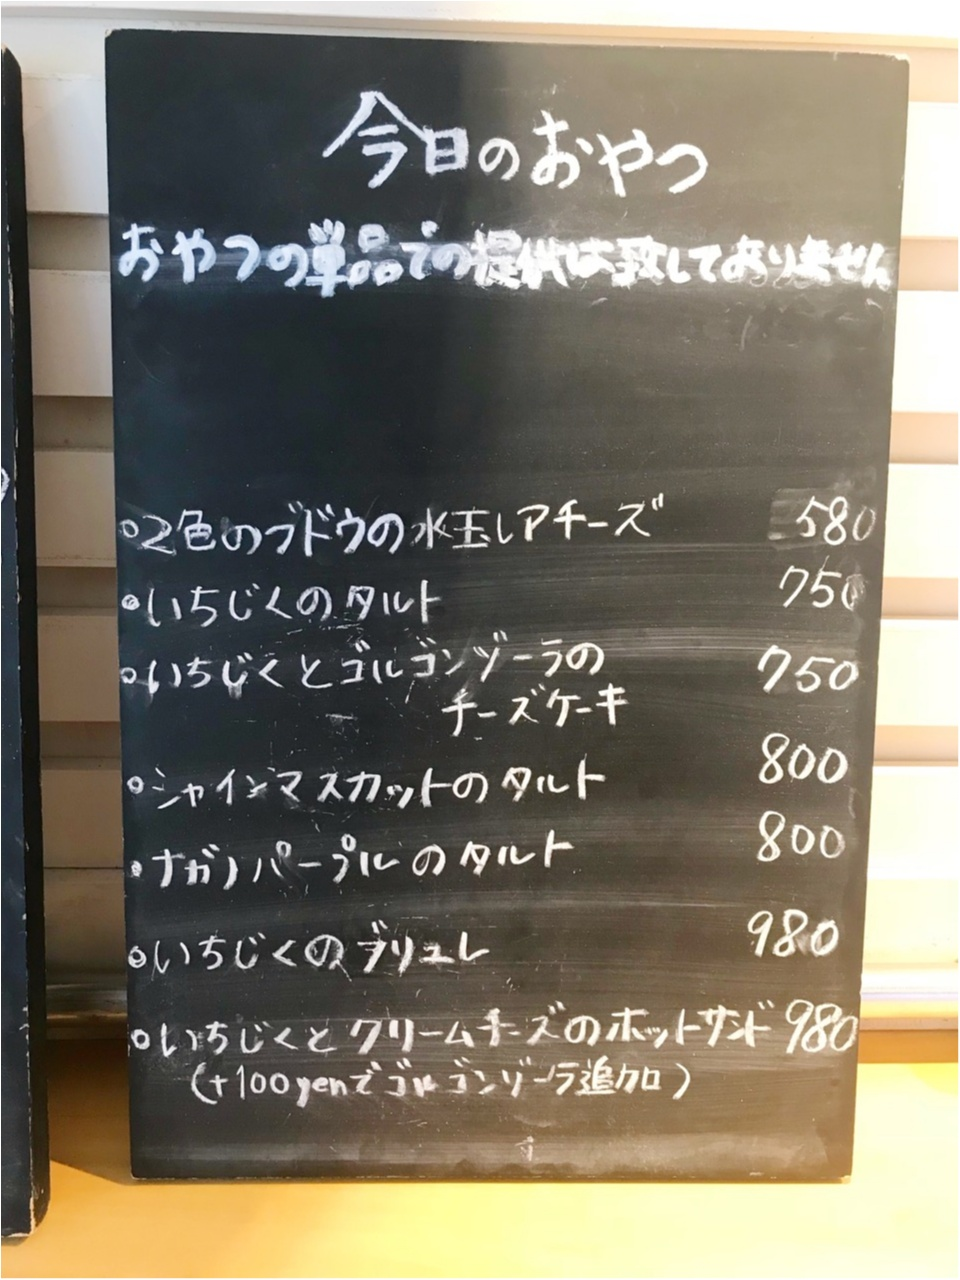 無花果のブリュレパフェ♡大人気カフェ*ソビノワ*_3